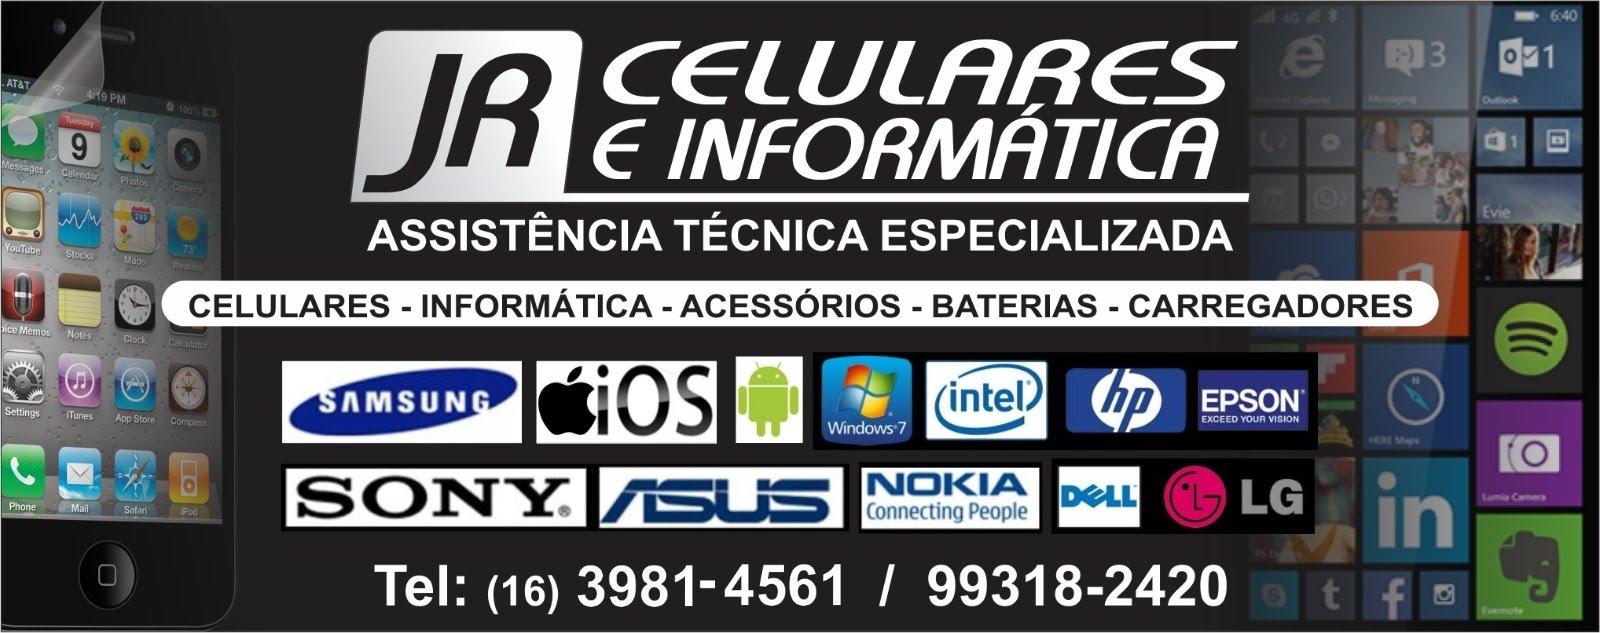 JR Celulares e Informática em Pradópolis